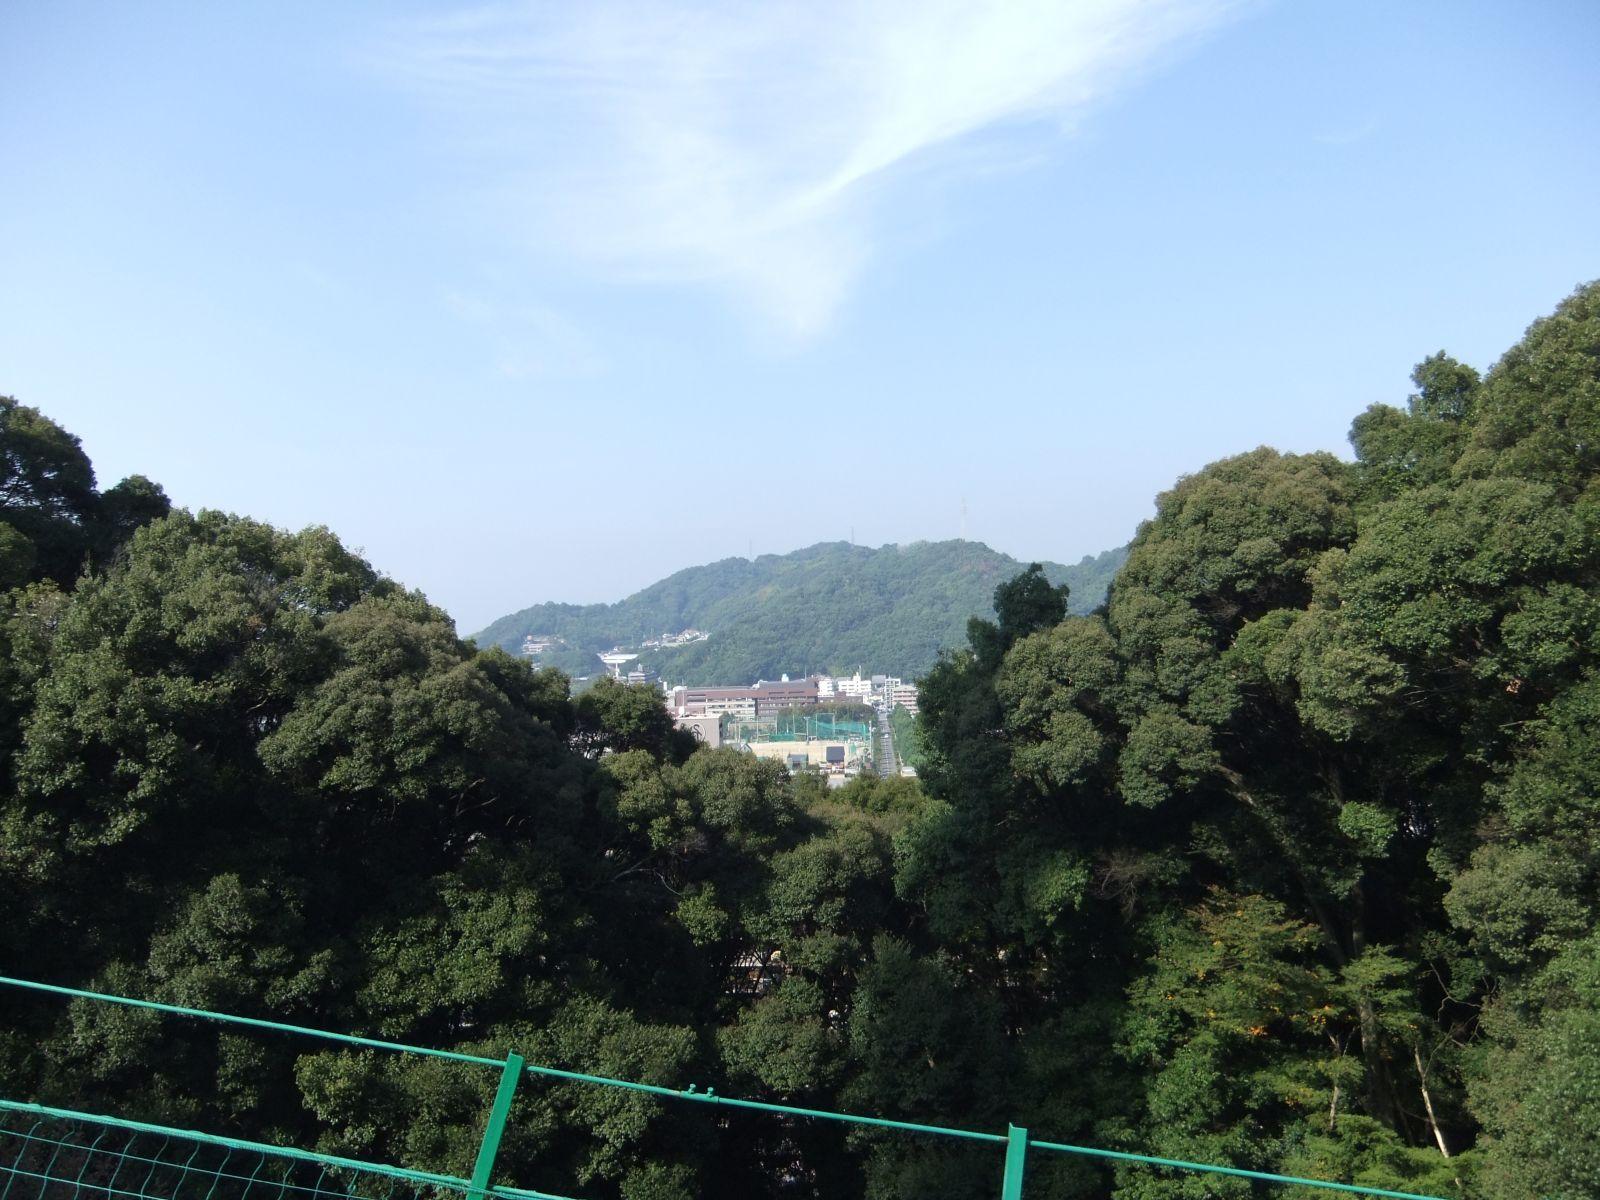 秋の松山城(松山城登城リフト)の写真です。クリックすると拡大します。